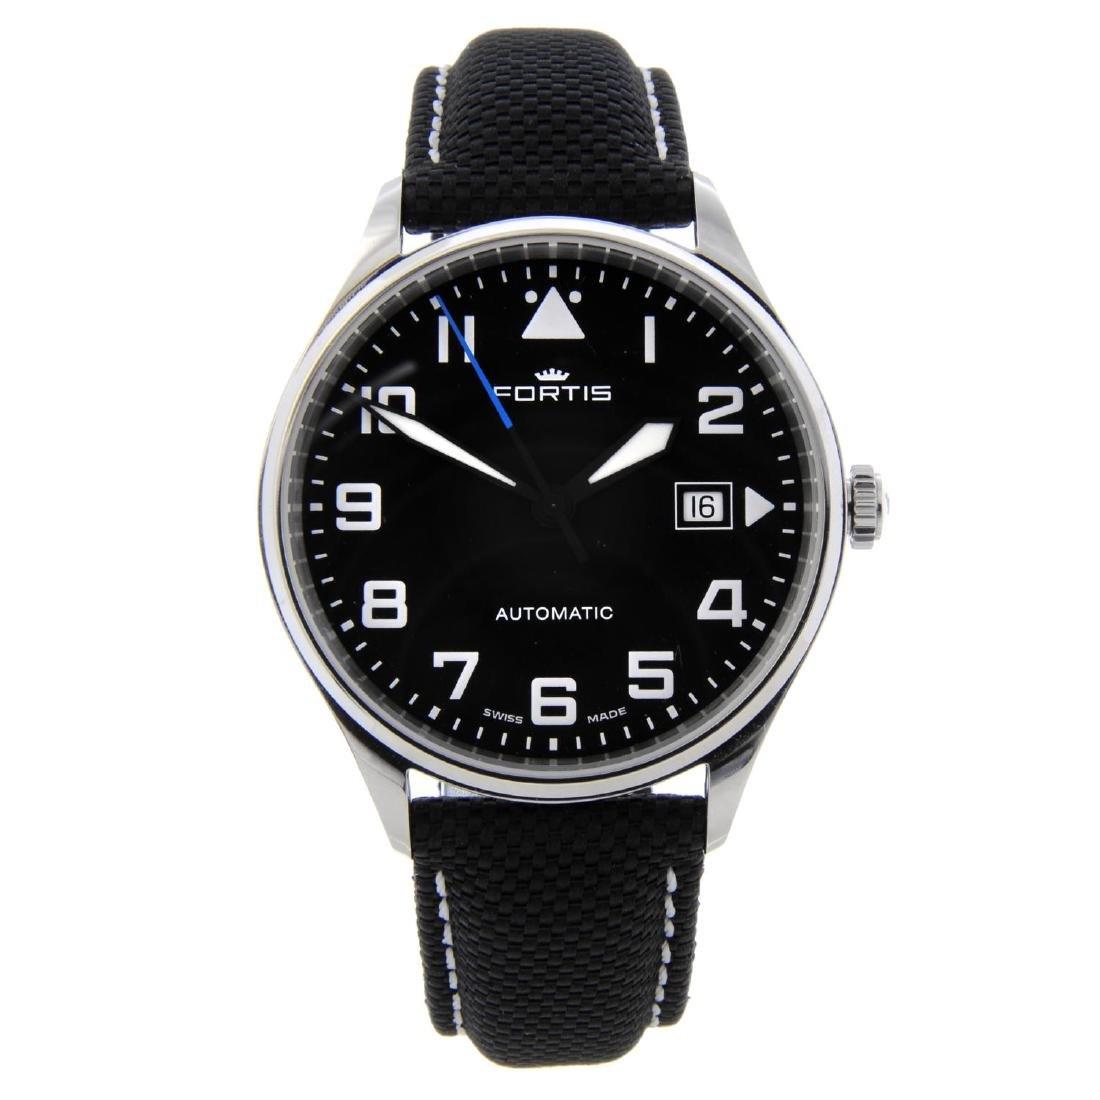 FORTIS - a gentleman's Pilot Classic wrist watch.